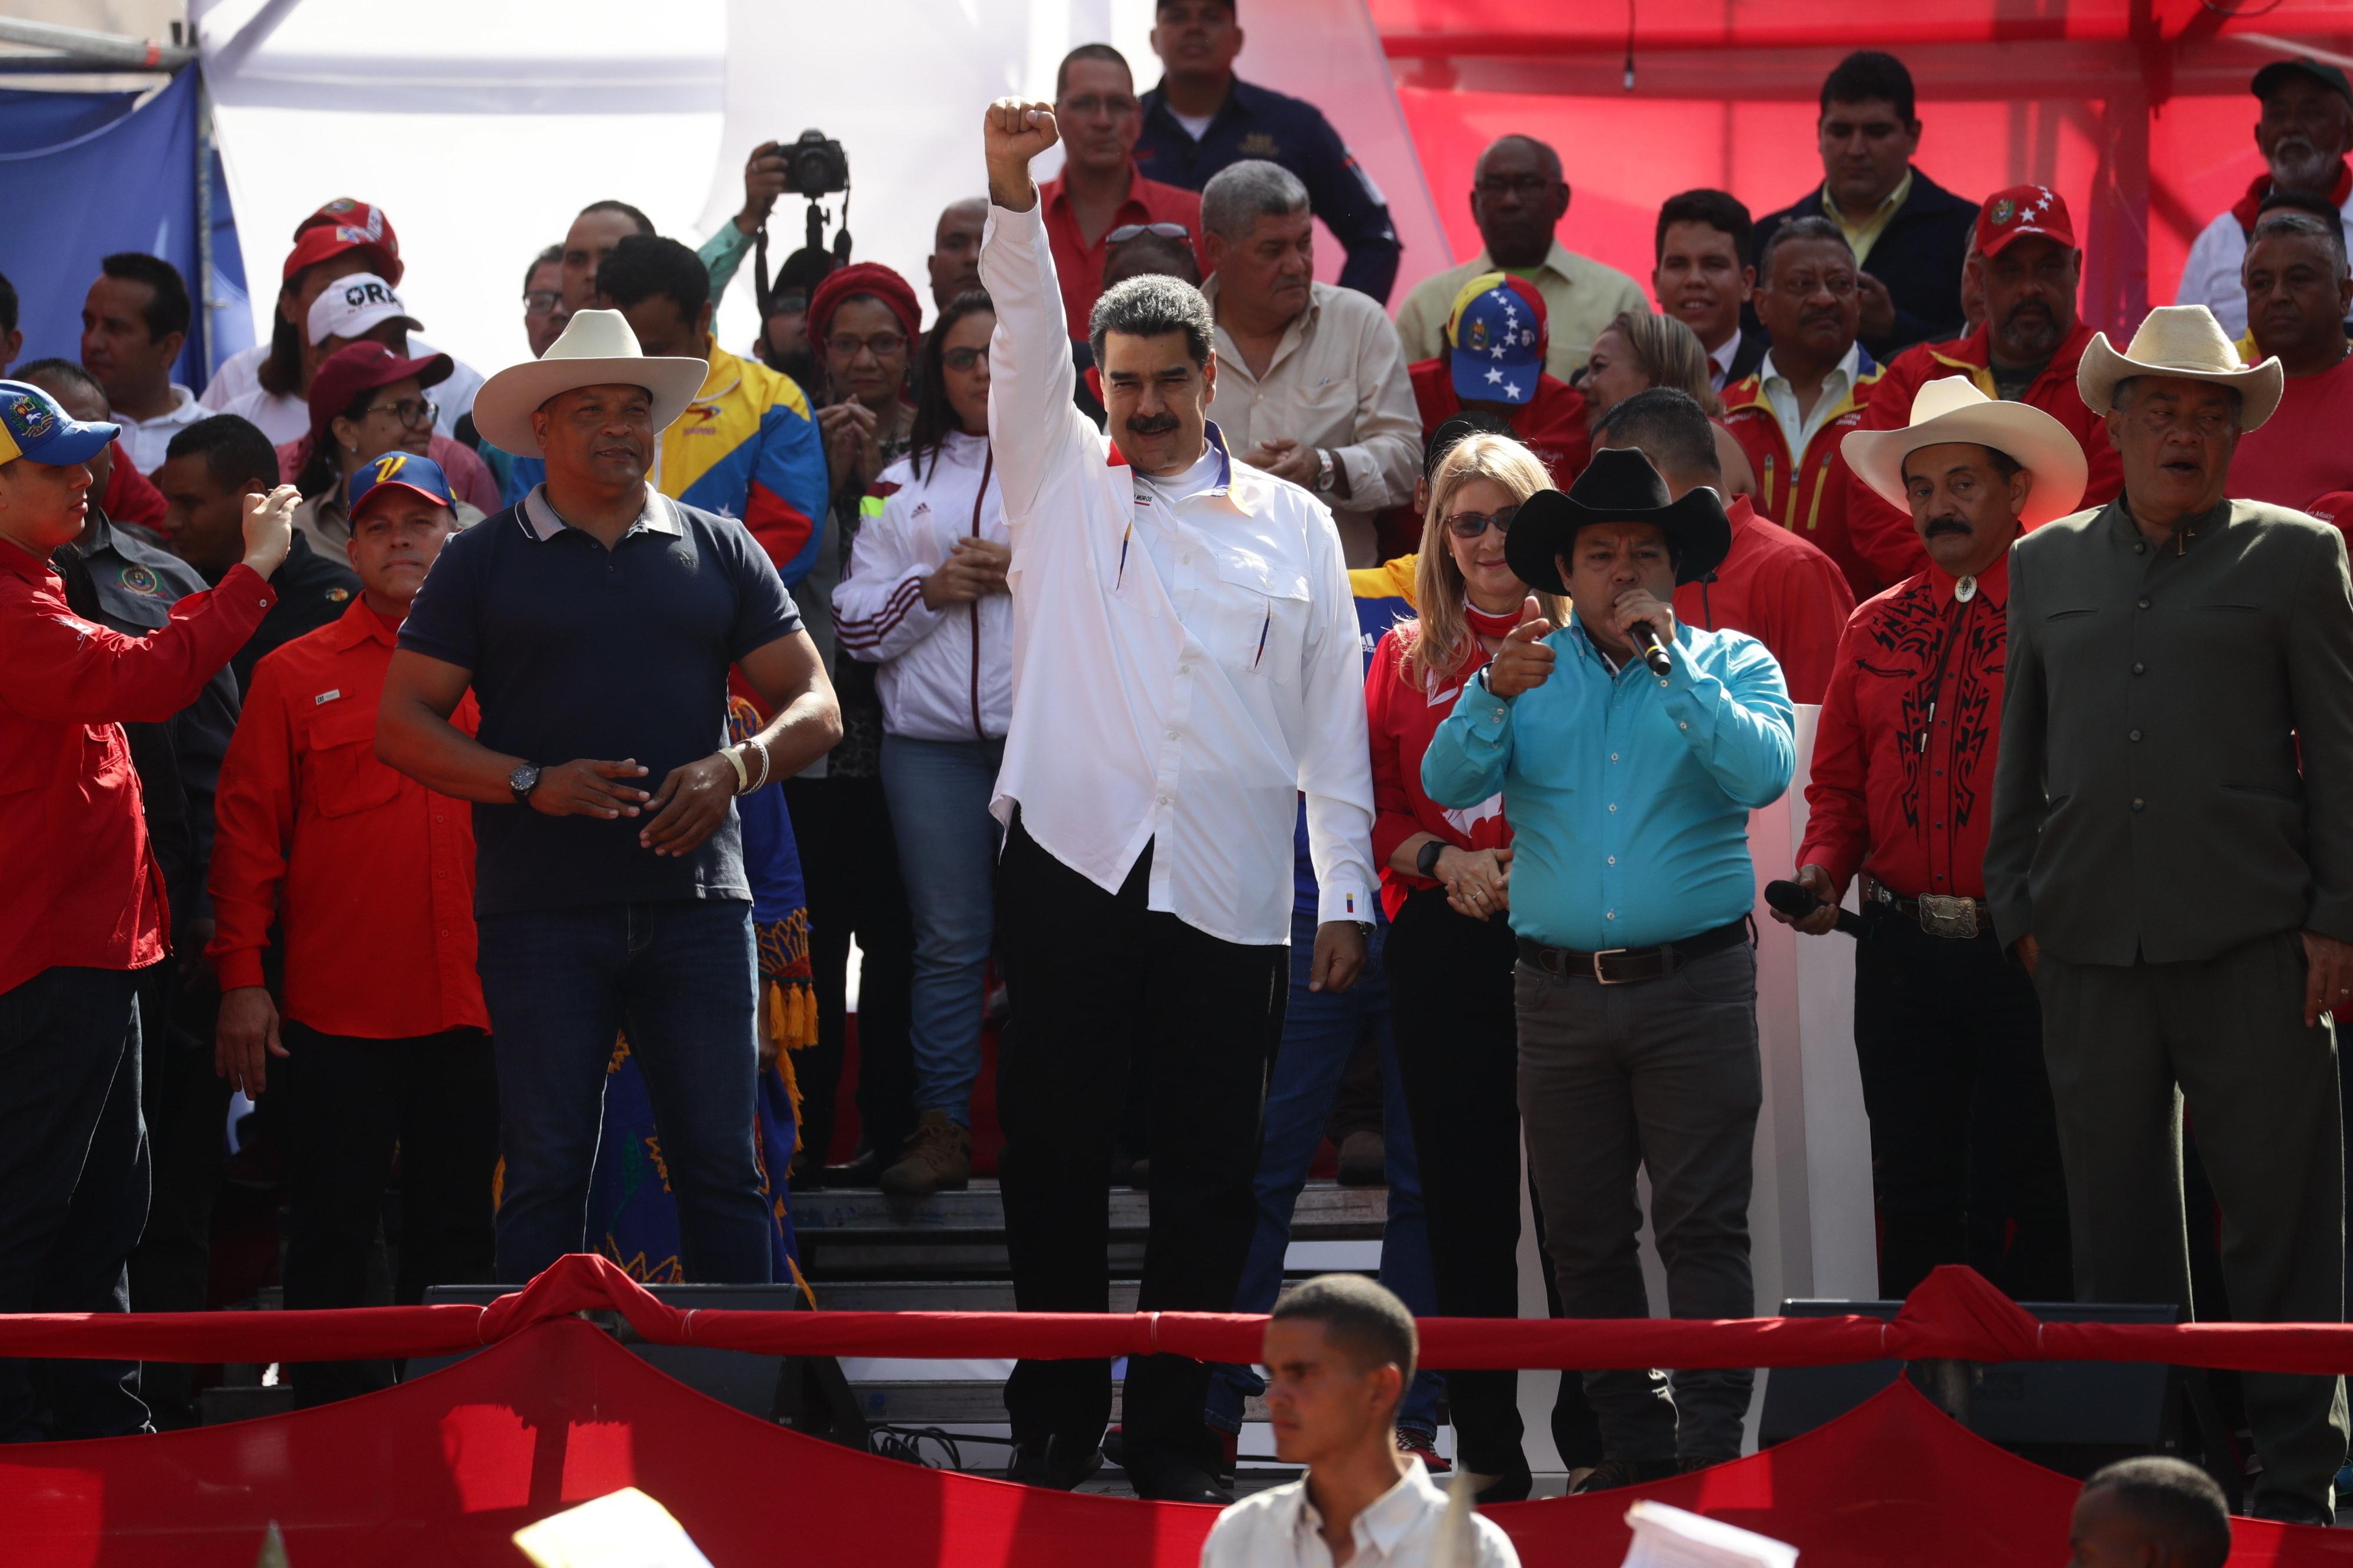 Governo da Venezuela agradece mediação da Noruega e confirma diálogo com oposição em Oslo